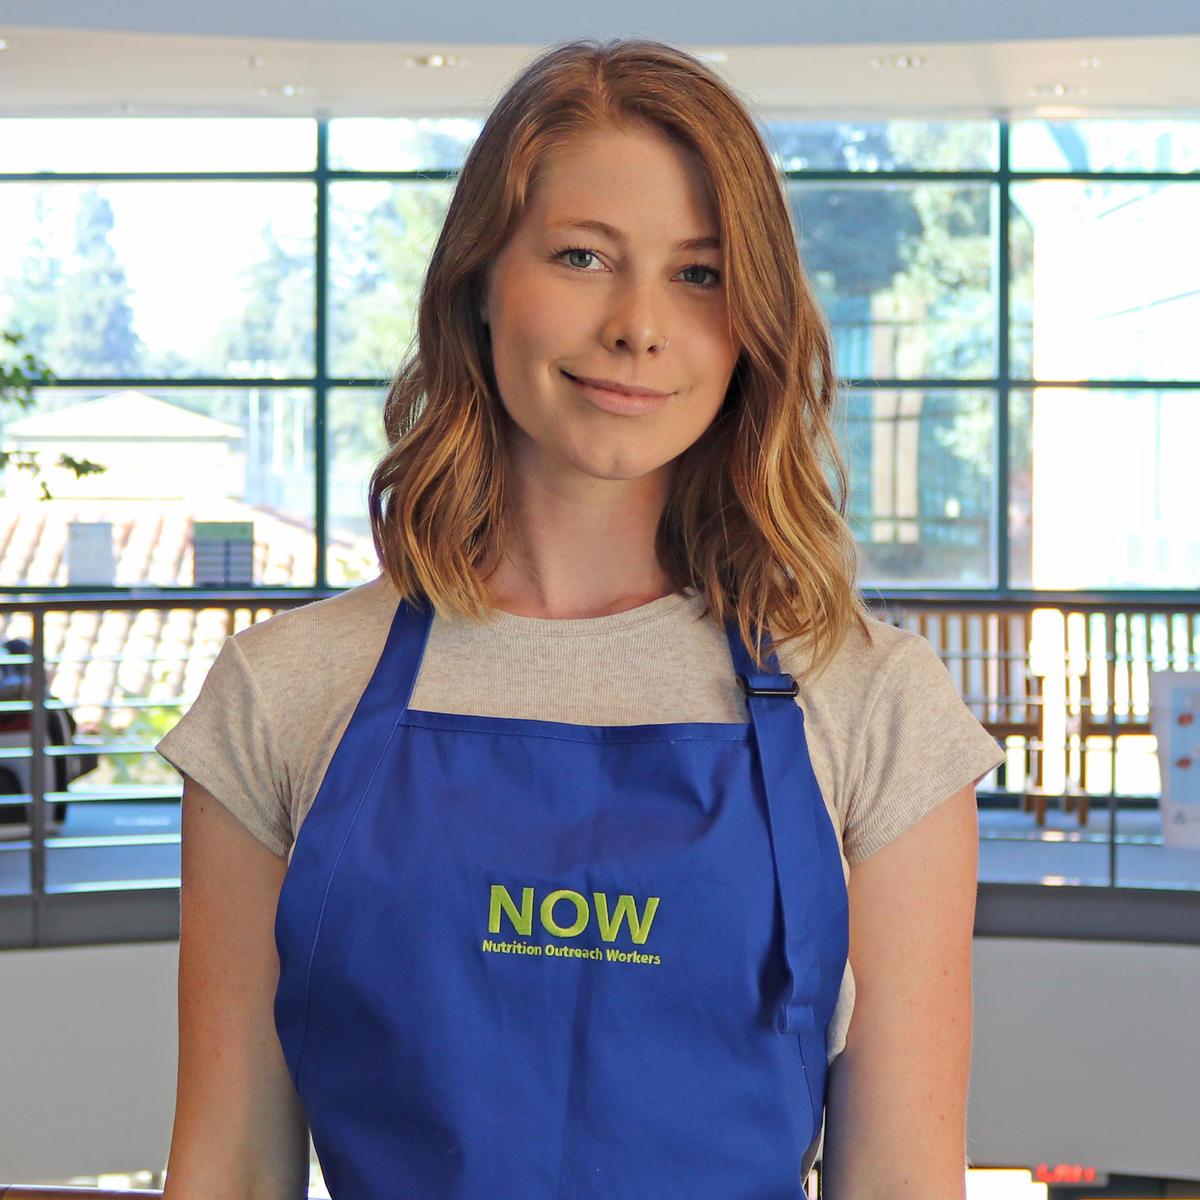 Nutrition Outreach Worker, Maddie